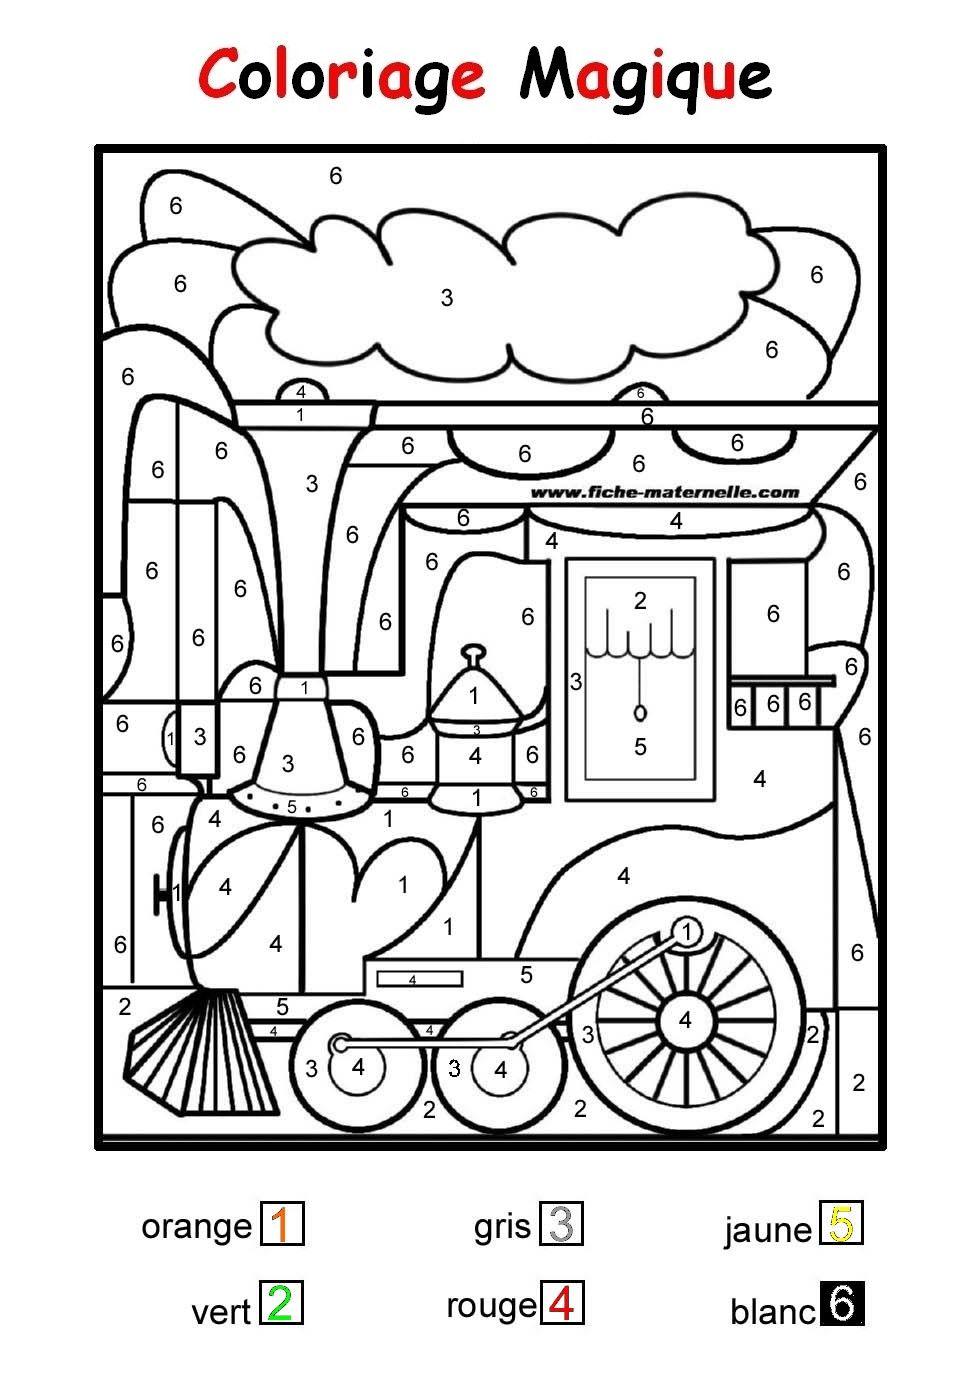 Coloriage magique pour les plus petits une locomotive color by number for adults and - Dessin pour les petit ...